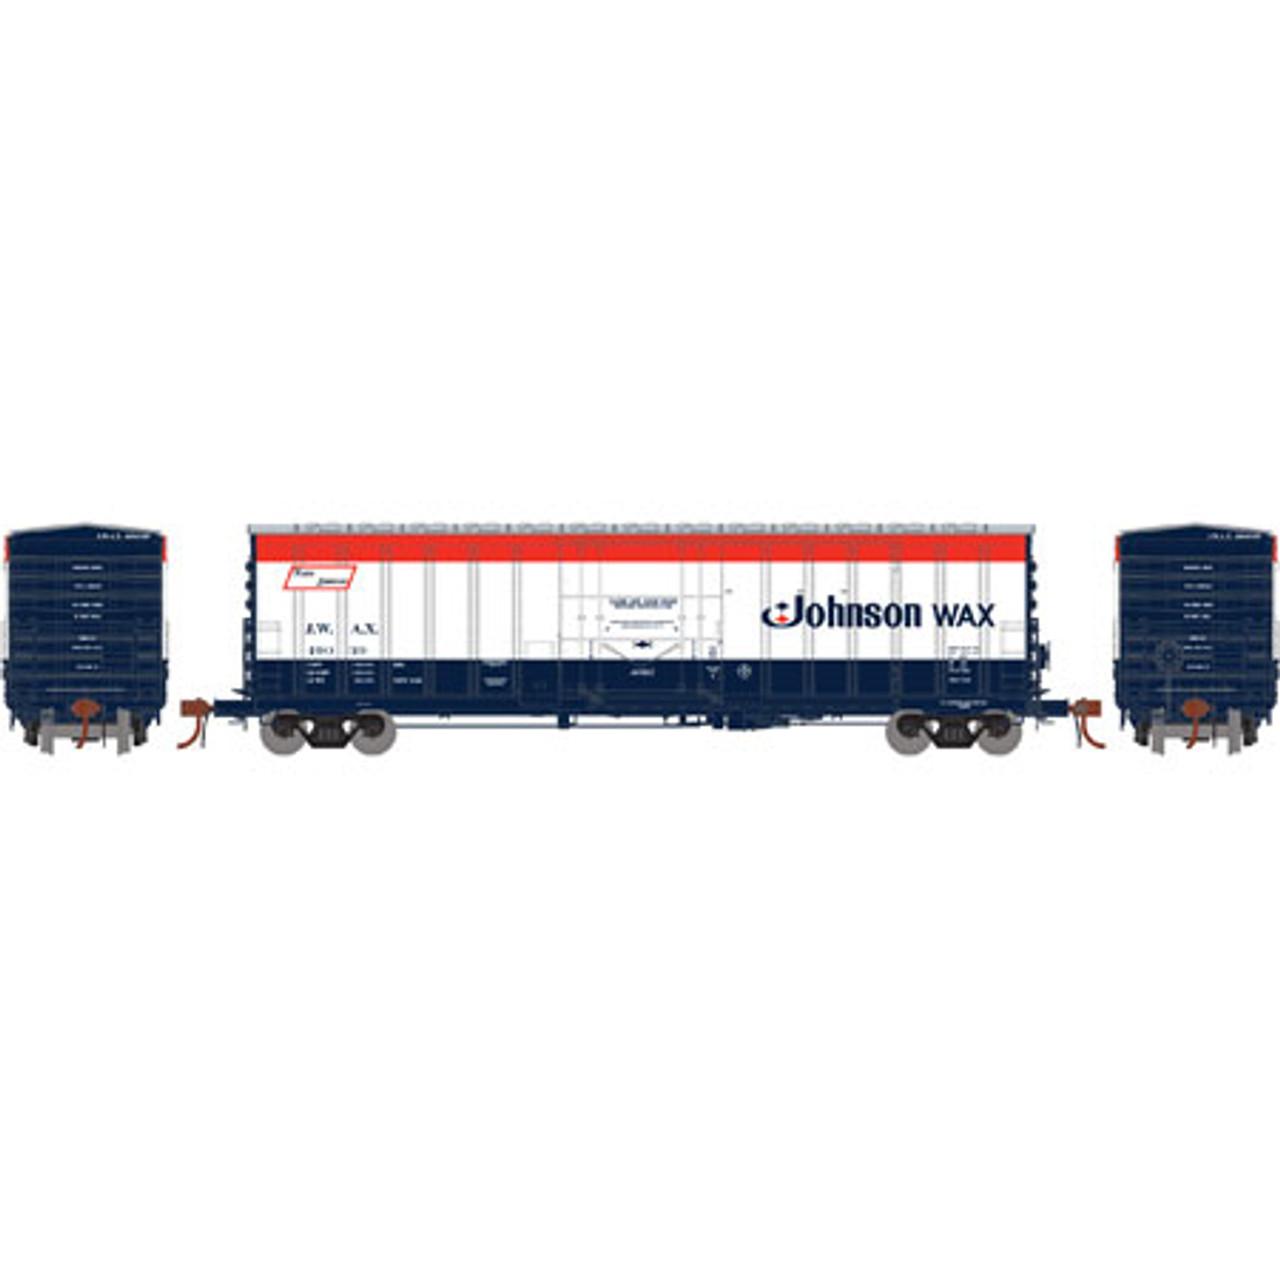 Athearn ATH2251 NACC 50' Box Car JWAX - Johnson Wax #46960  (Scale =N) Part #ATH2251